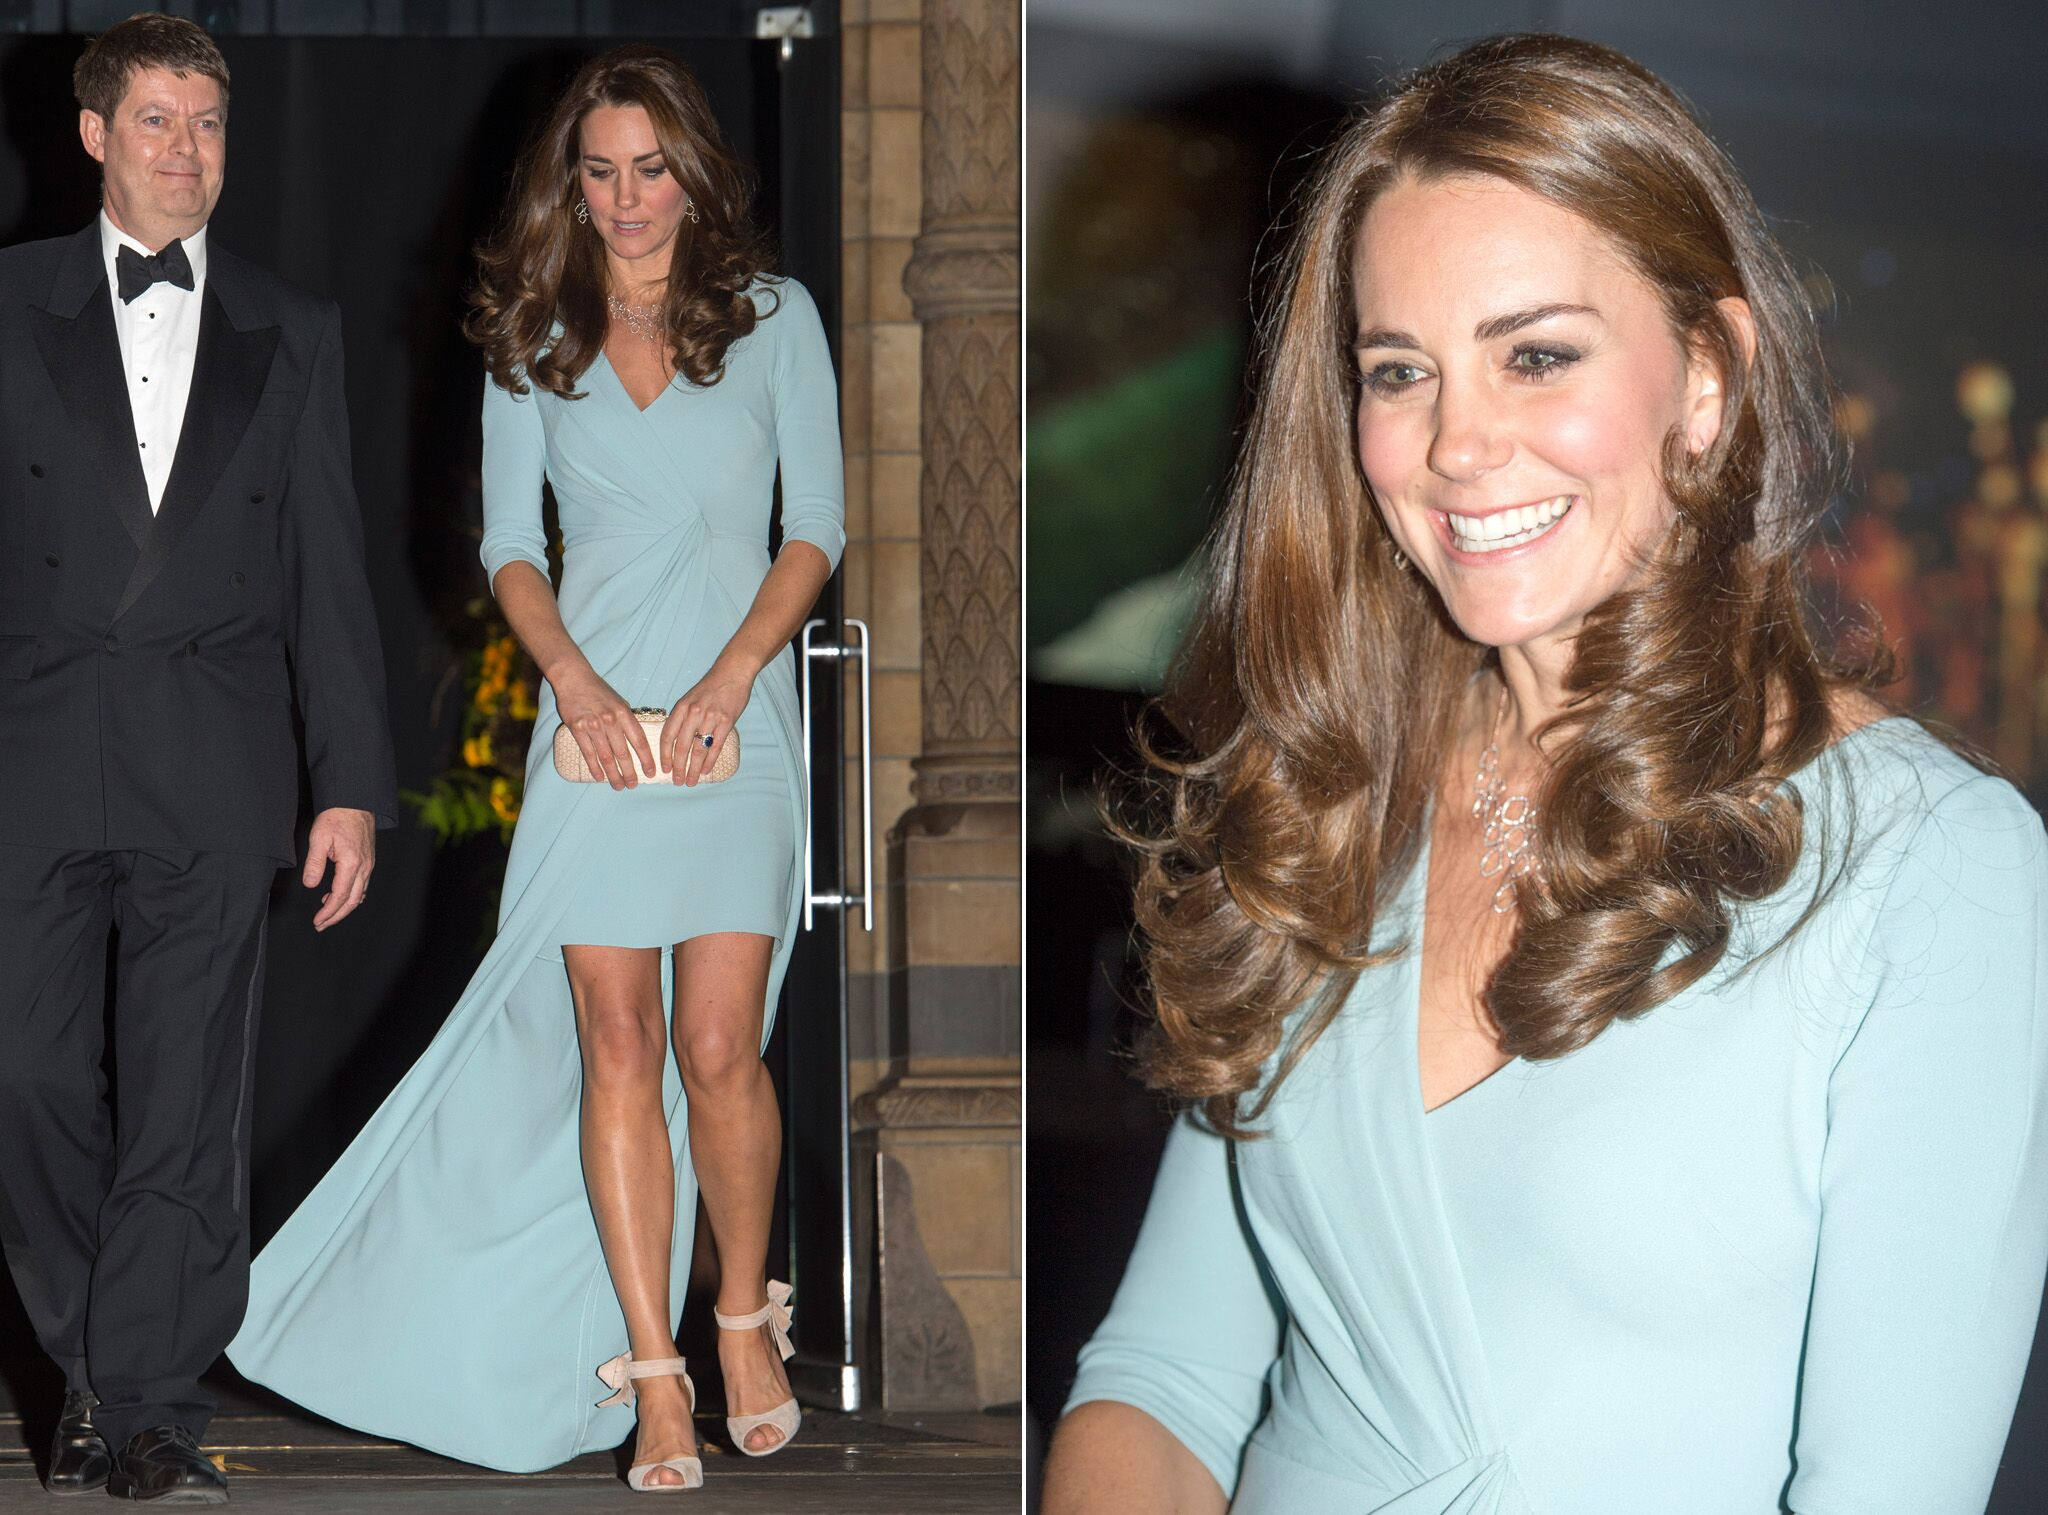 Voici Robe Soir Du Sublime Kate Photos Middleton En jLAq4R35